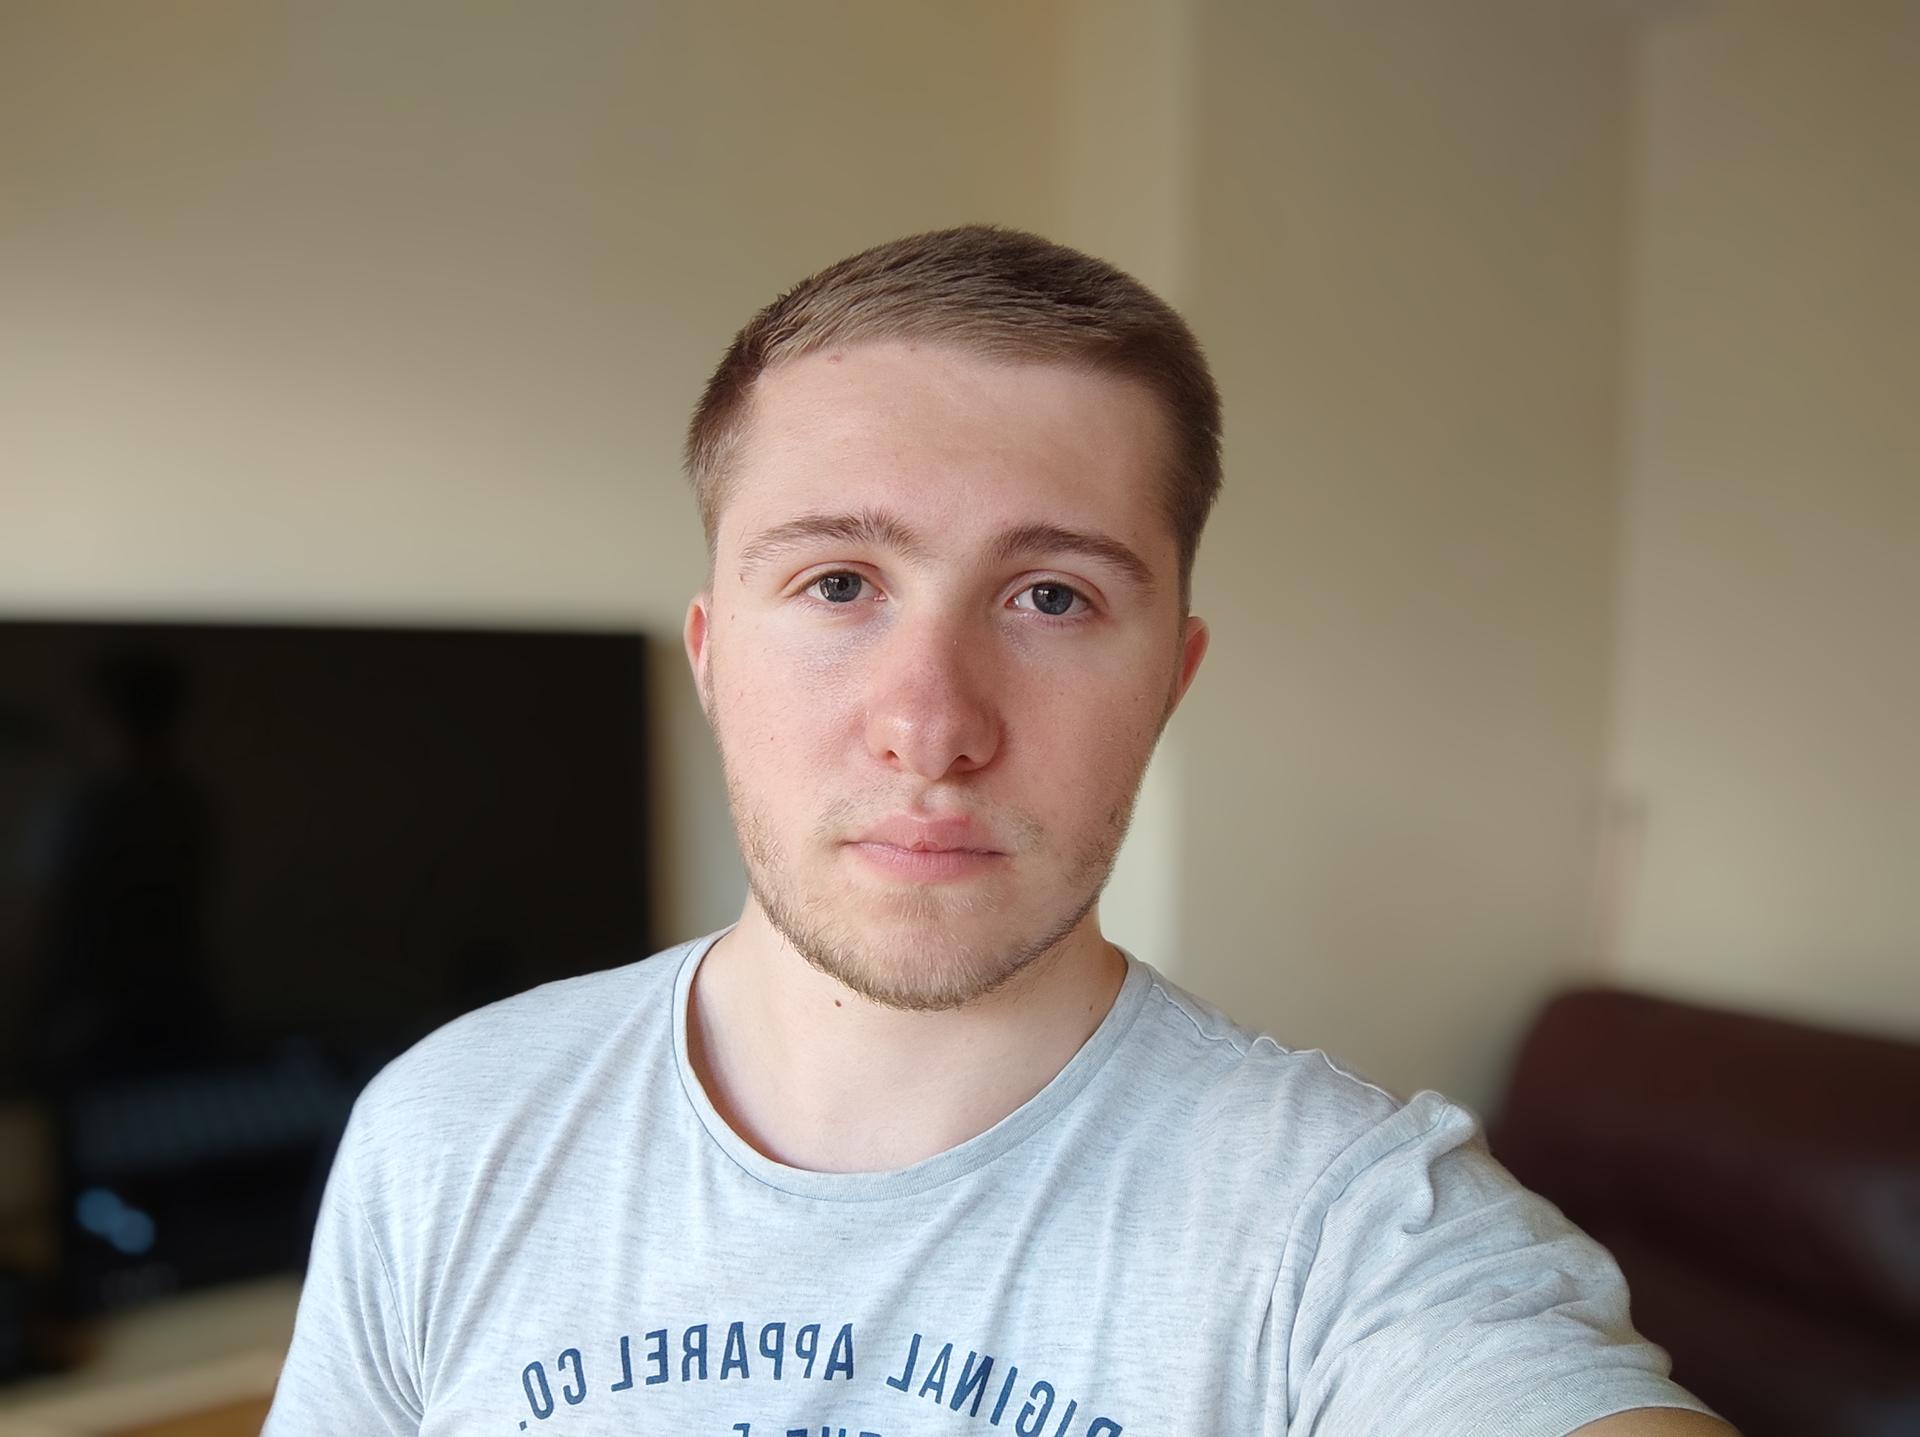 Xiaomi Poco X3 NFC indoor portrait selfie